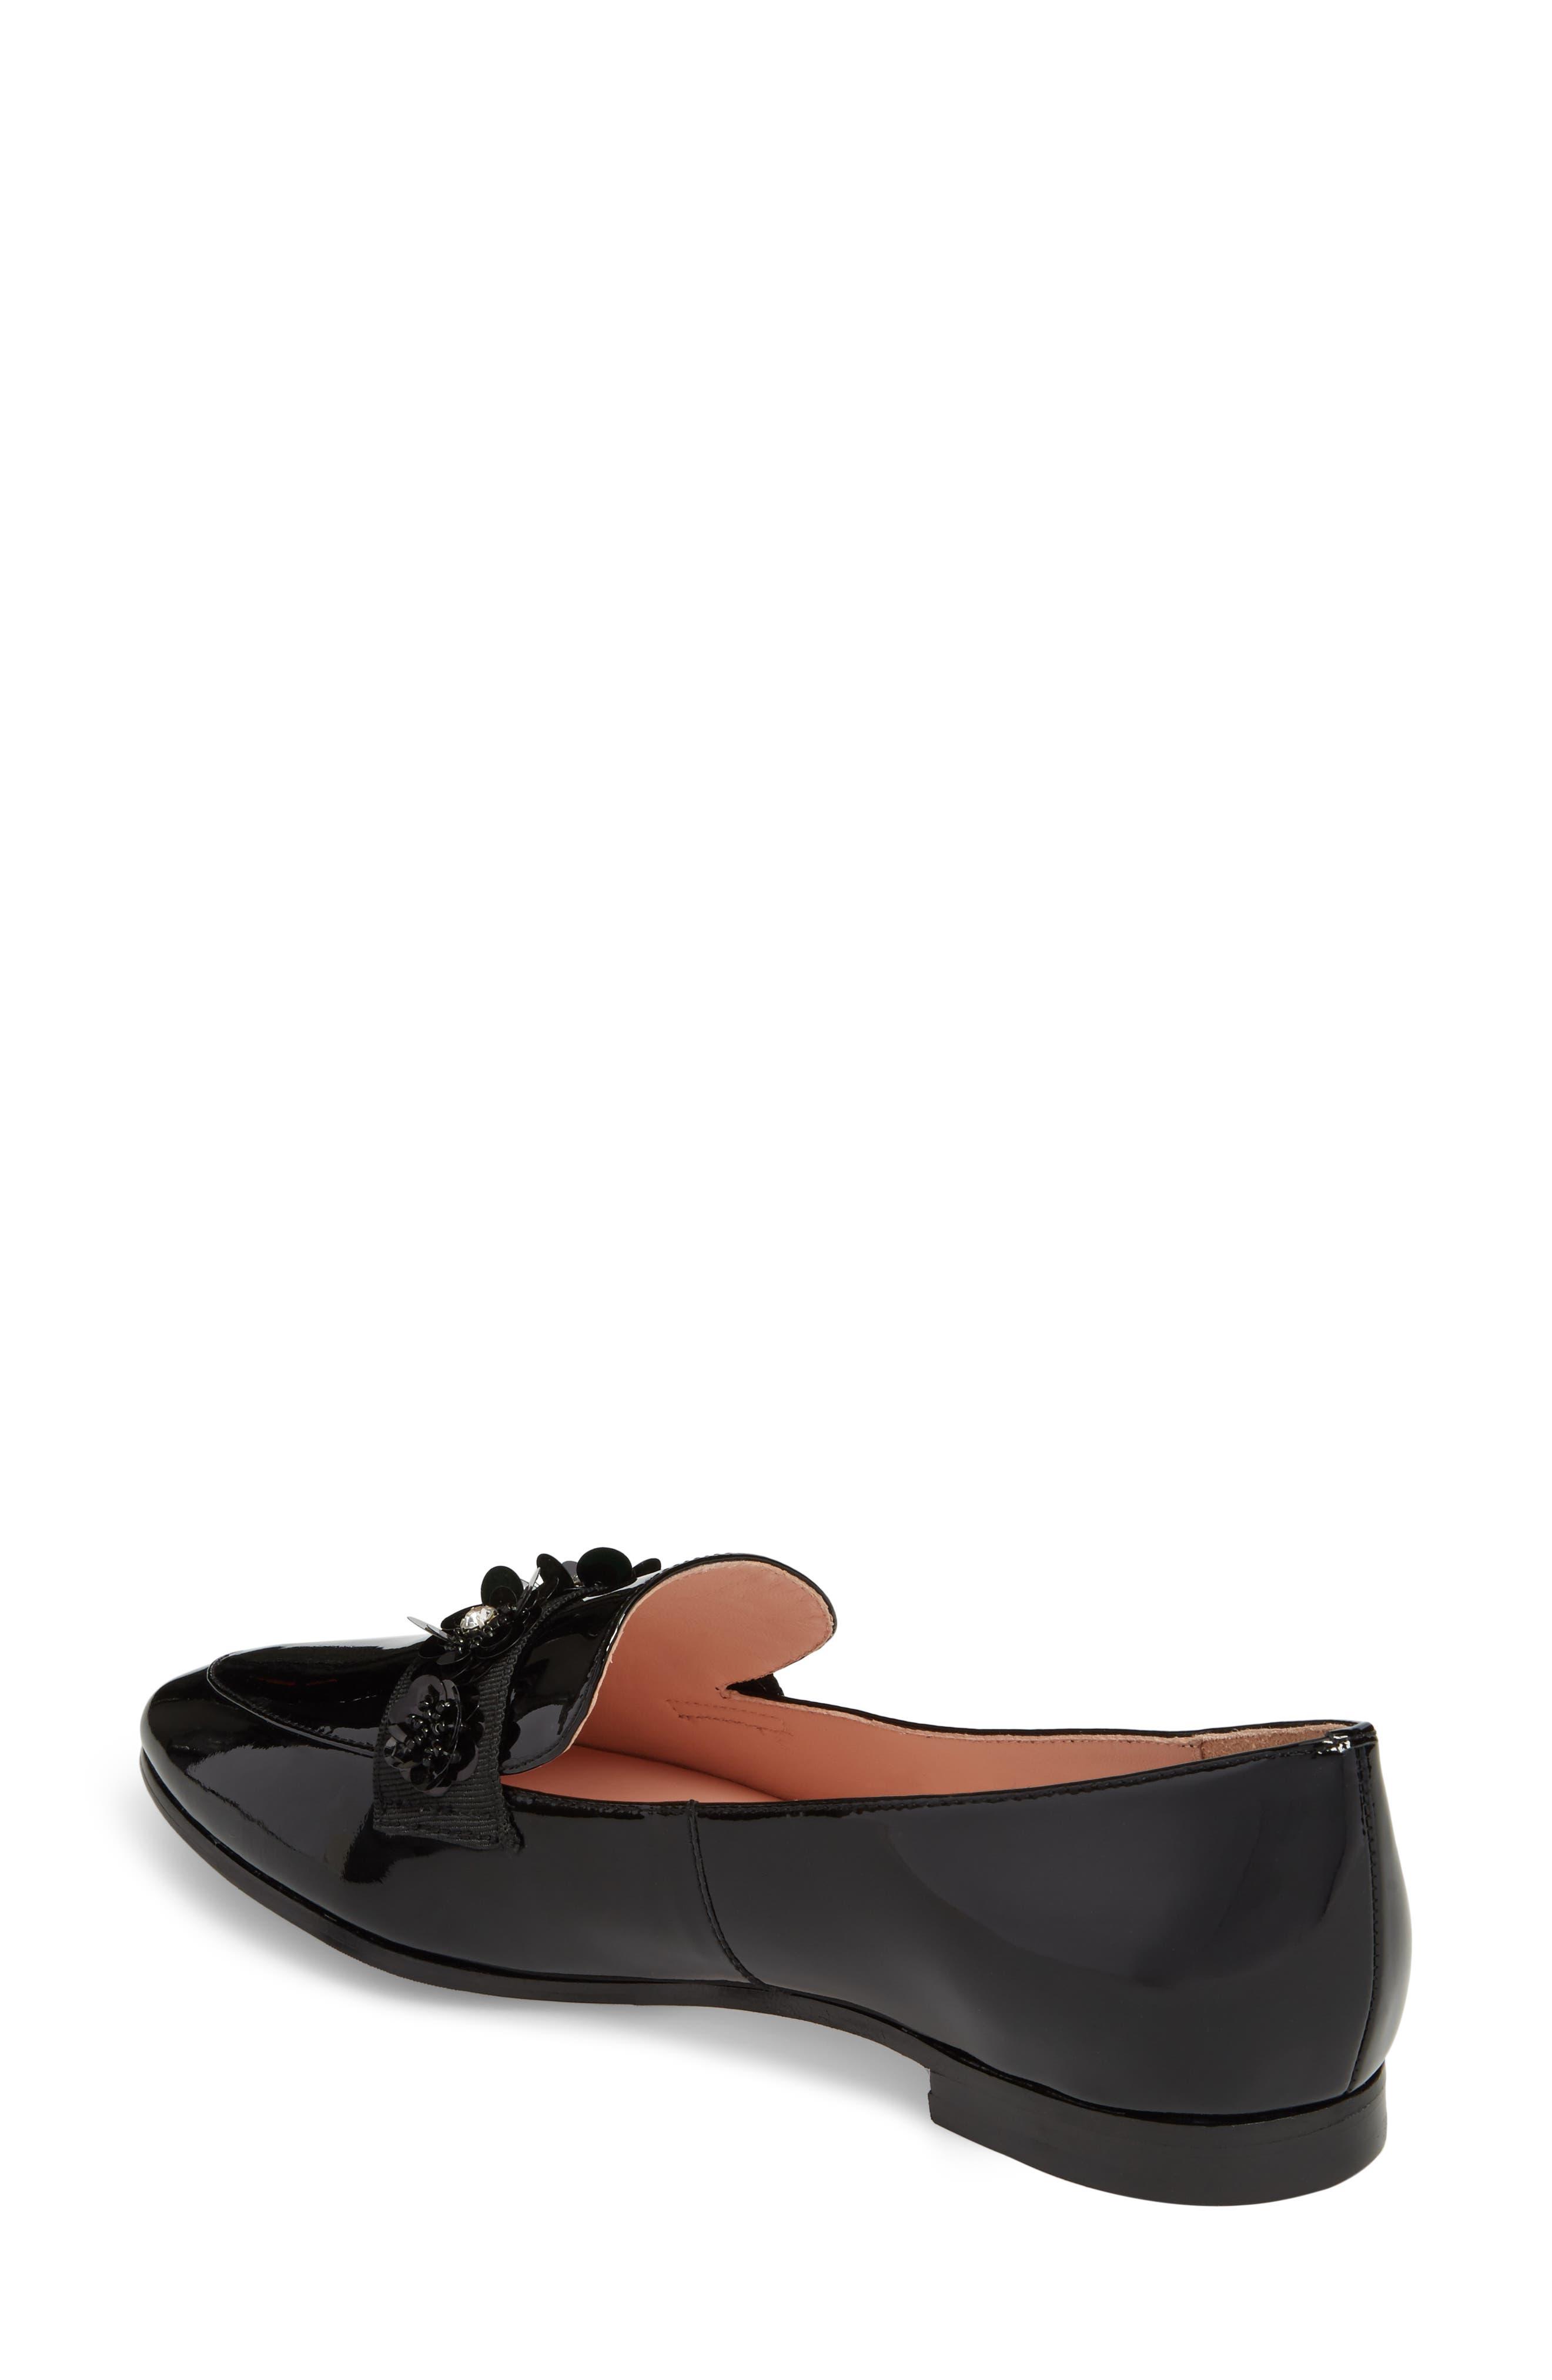 cleo embellished loafer,                             Alternate thumbnail 2, color,                             001